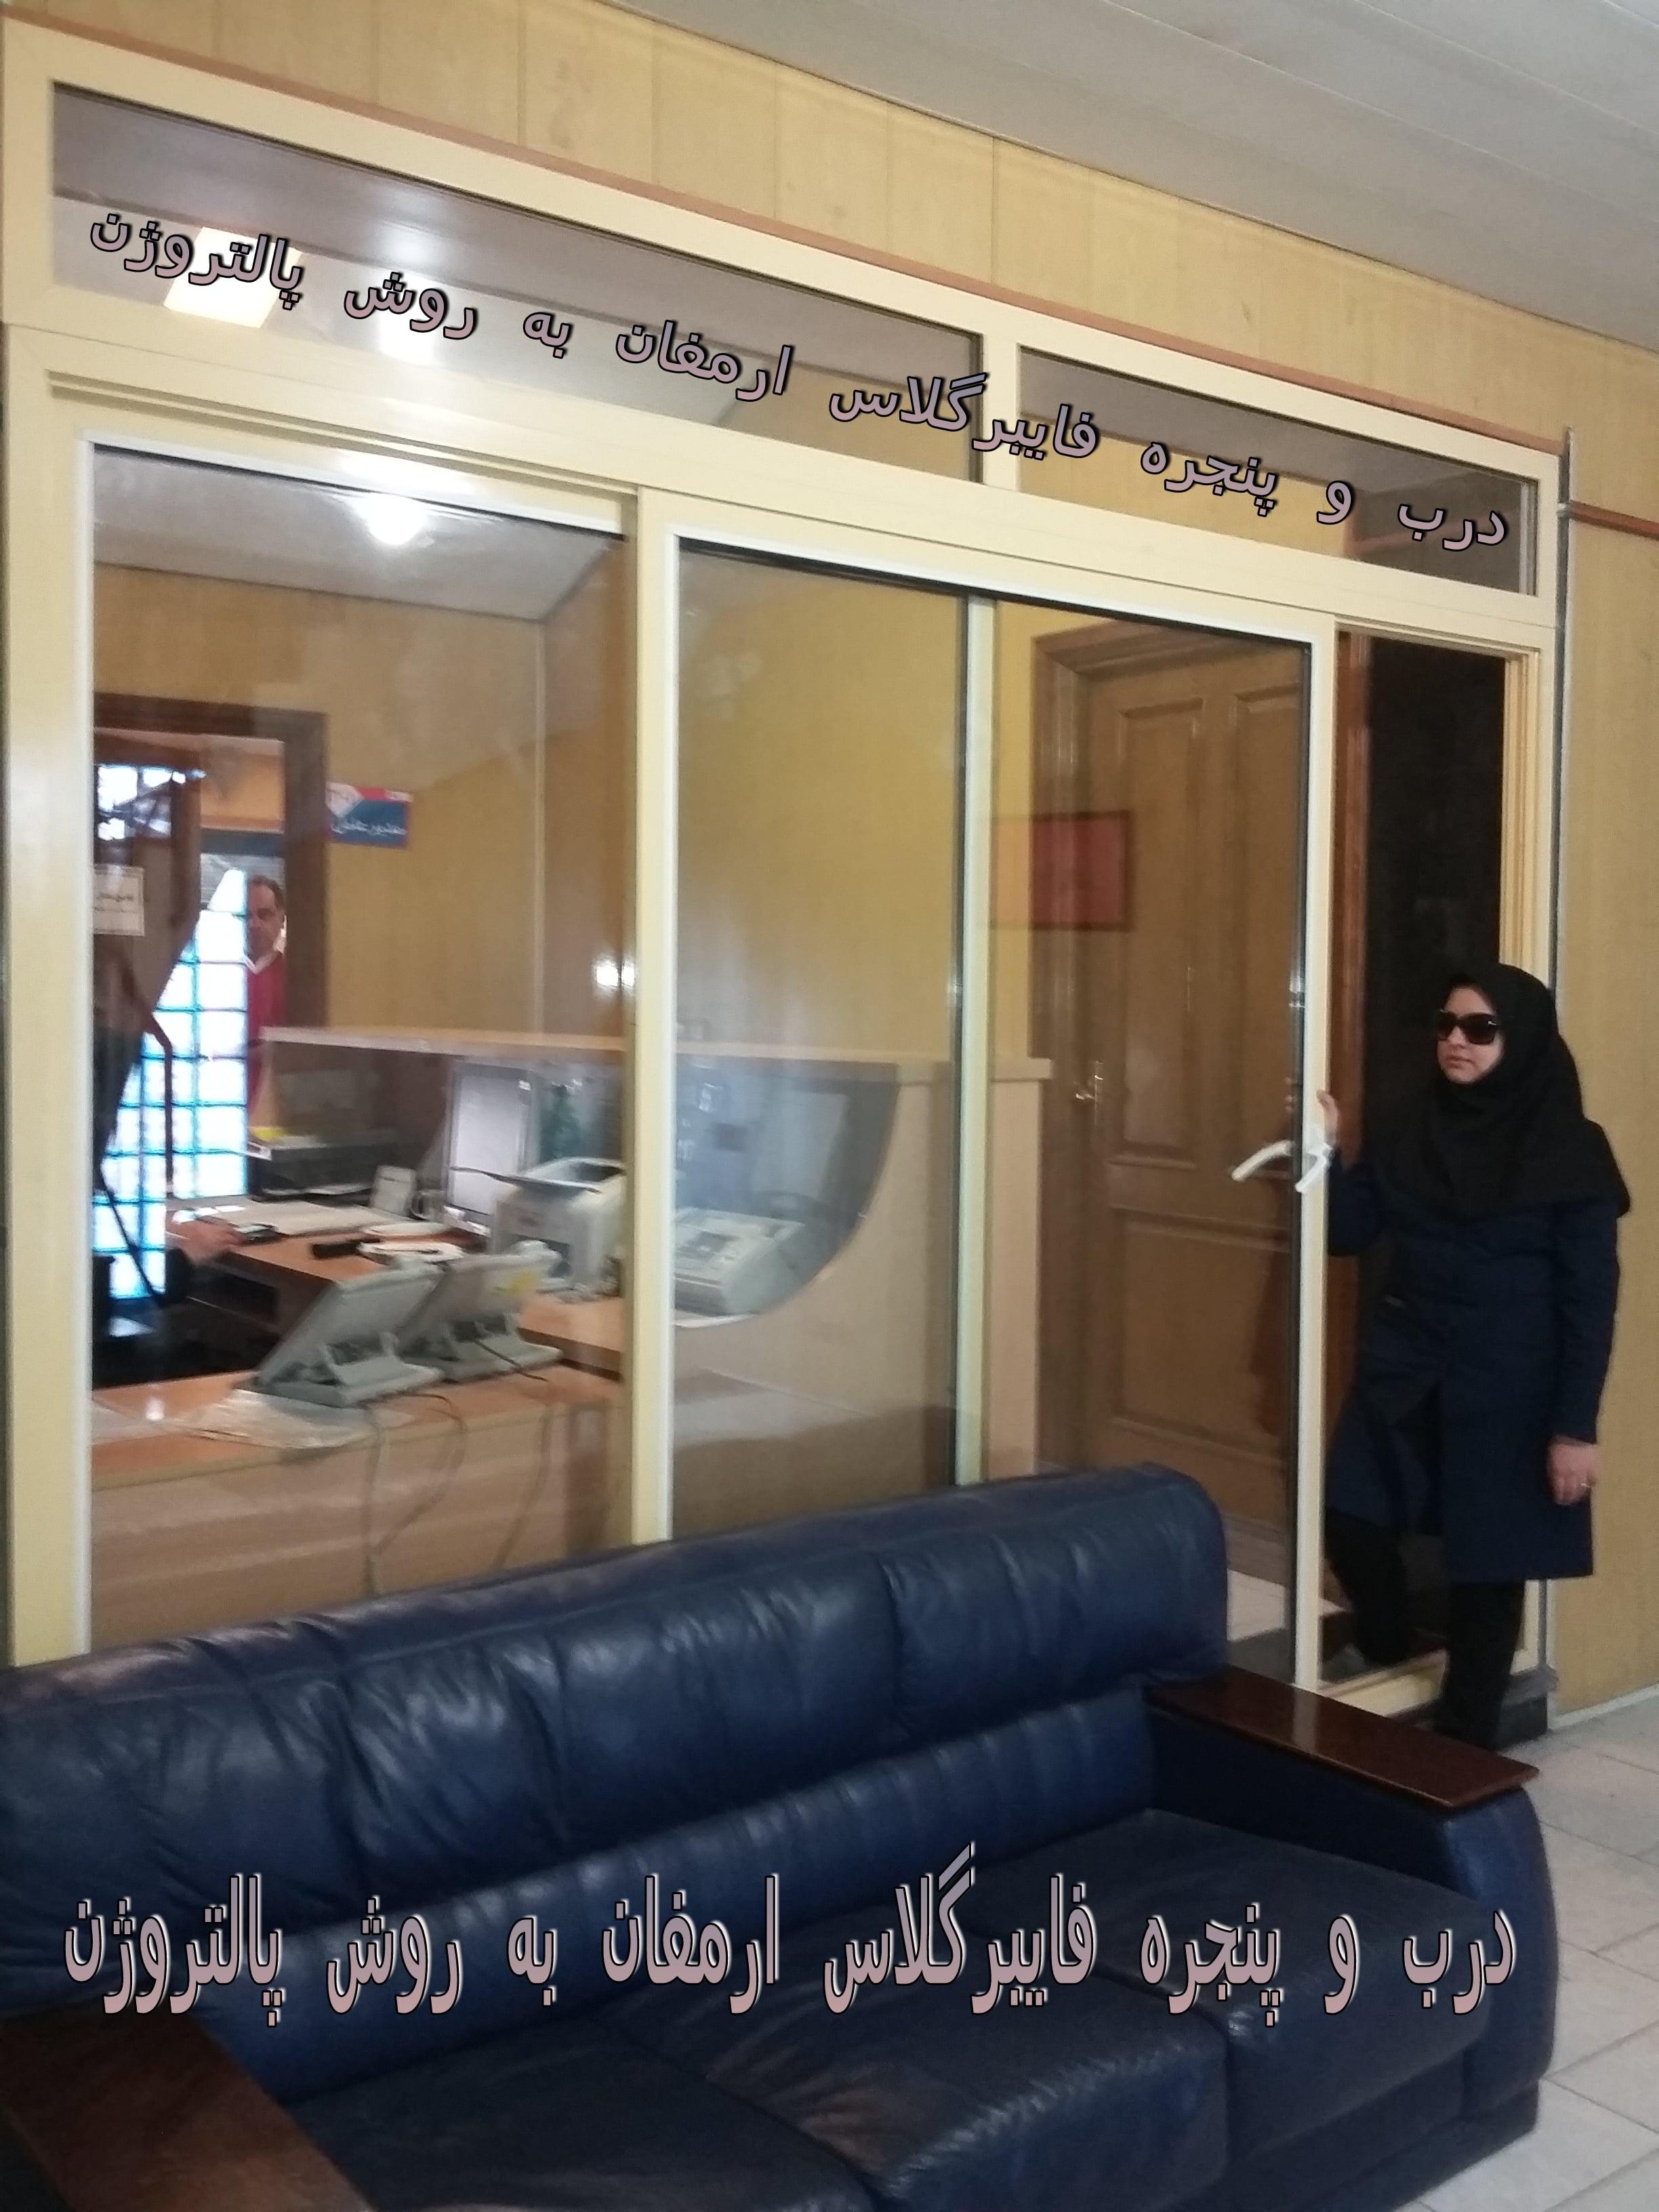 درب و پنجره فایبرگلاس ارمغان به روش پالتروژن